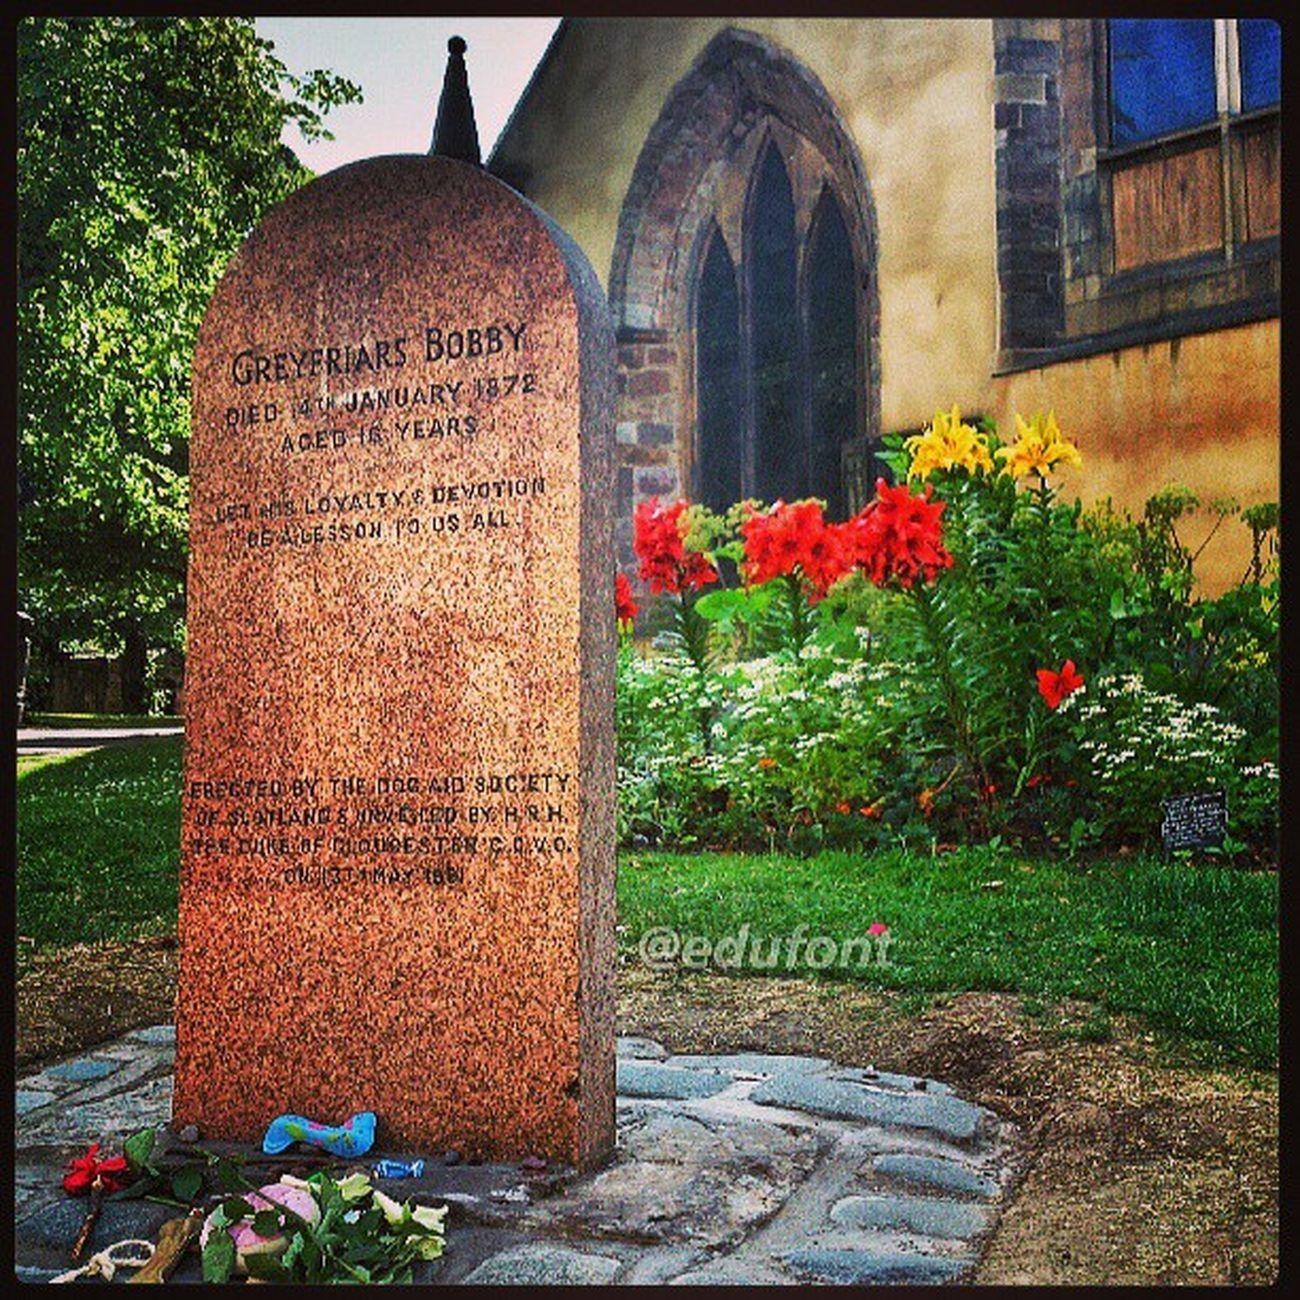 Làpida dedicada a un Gos . En Bobby és va passar 14 anys al costat de la tomba del seu amo, al Cementiri de Greyfriars , a Edinburgh Scotland. Molts pensaments, molts records... tots ells, per l'Anna... gossos dogs dog love